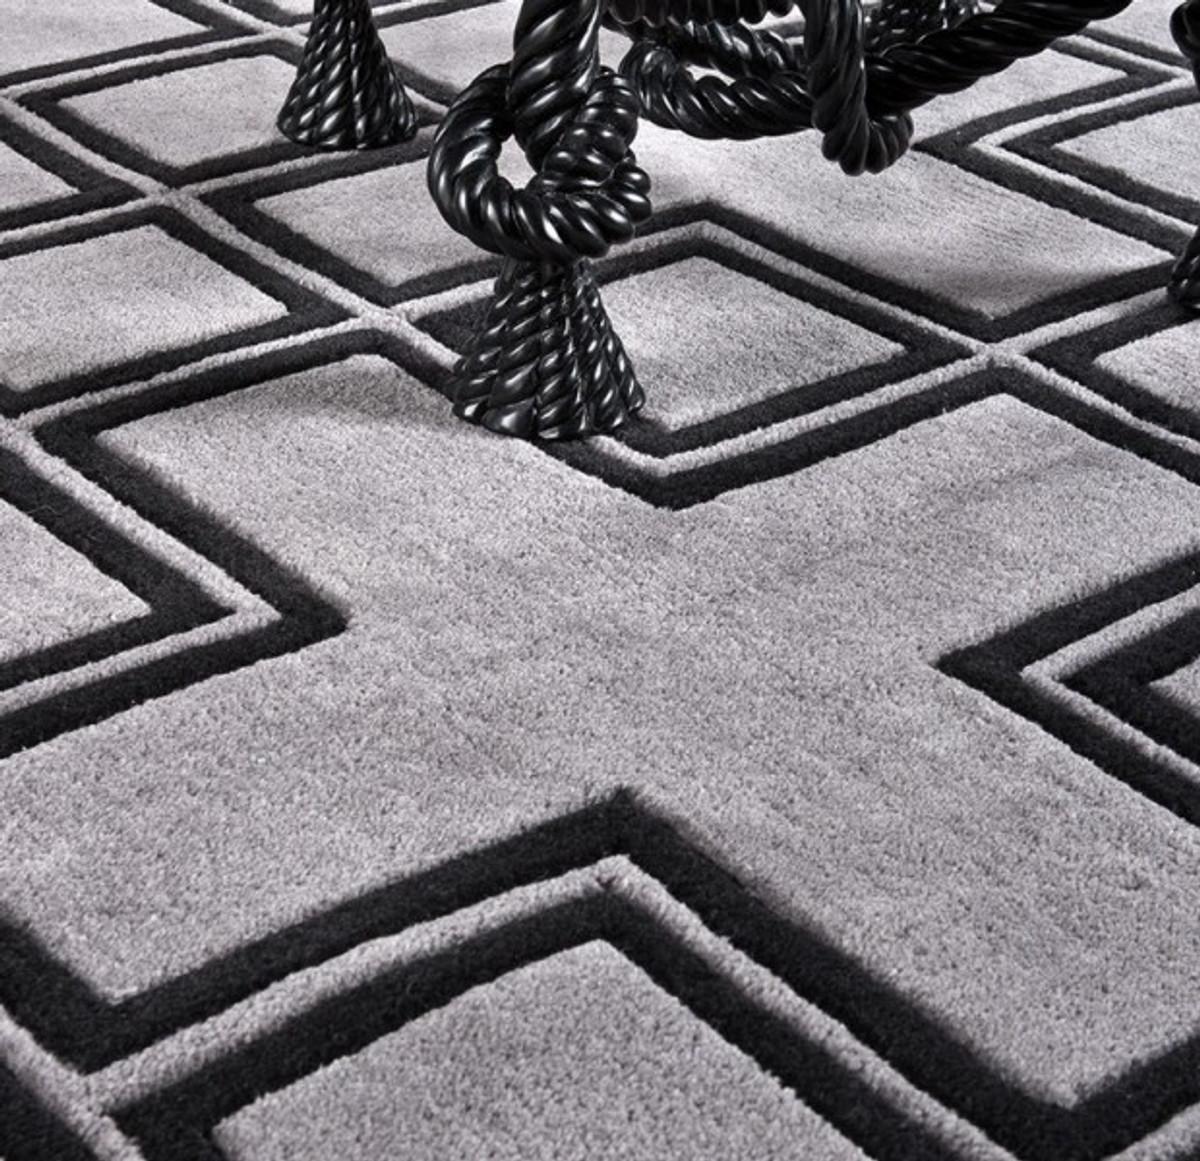 Luxus Teppich wunderschöner luxus teppich aus 100% neuseeland-wolle mit mäander